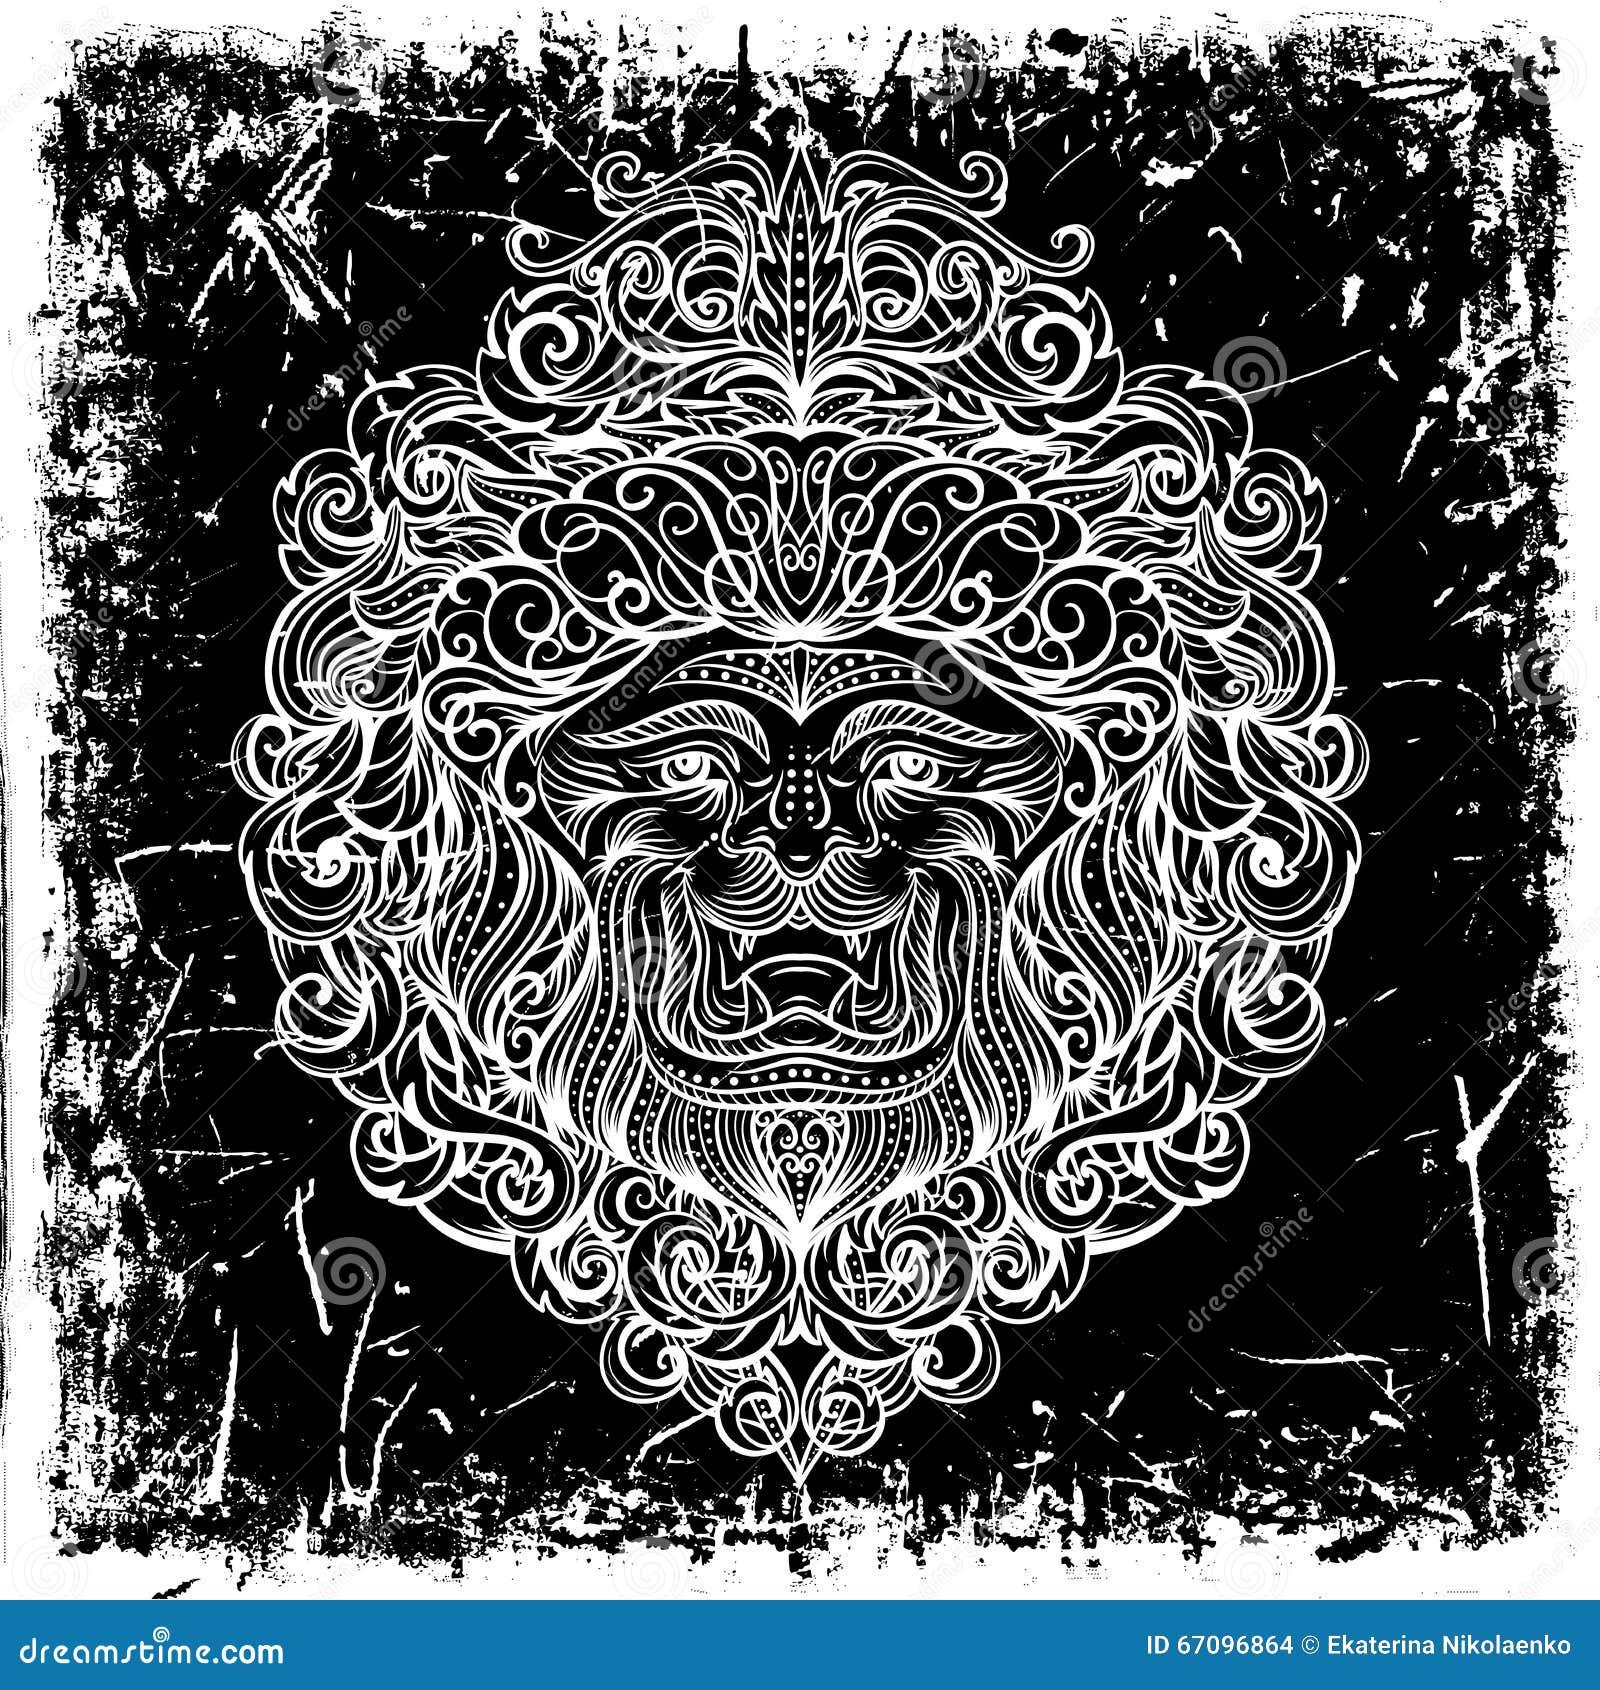 Lion Head met abstract ornament op grungeachtergrond